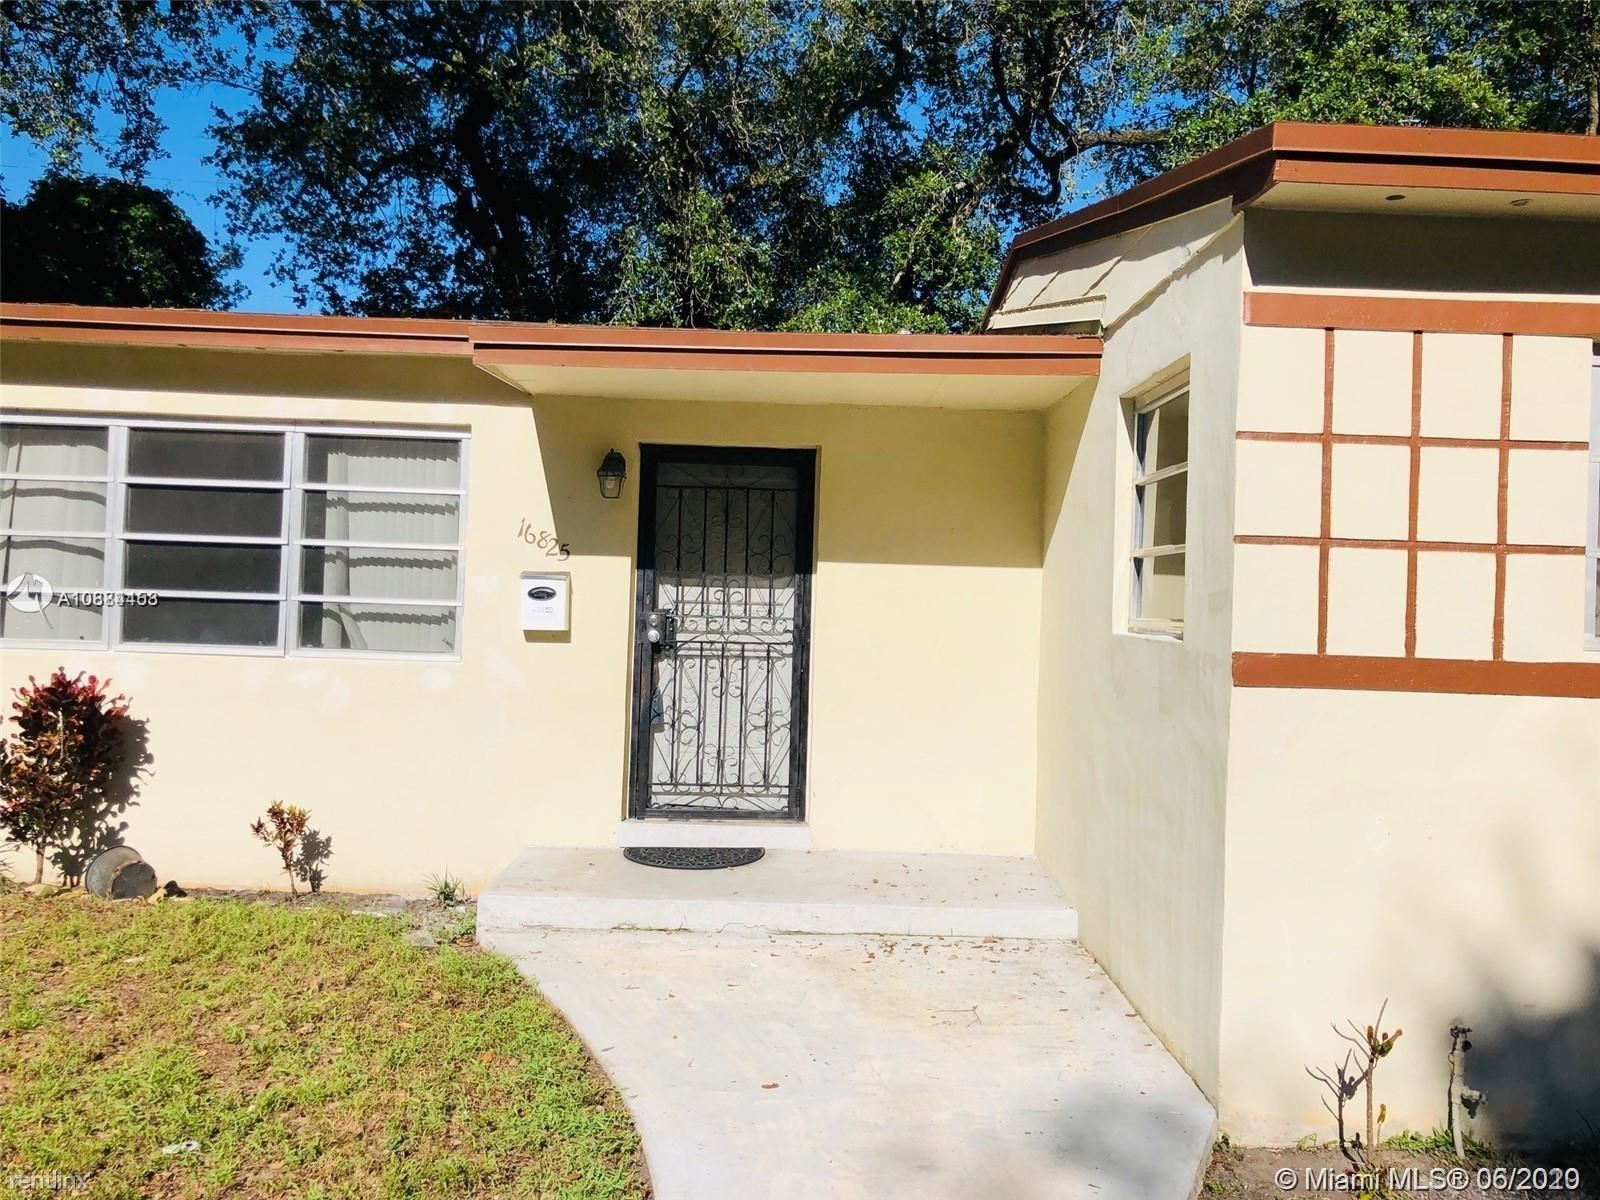 16825 NW 25th Ct # 16825, Miami Gardens, FL - $1,800